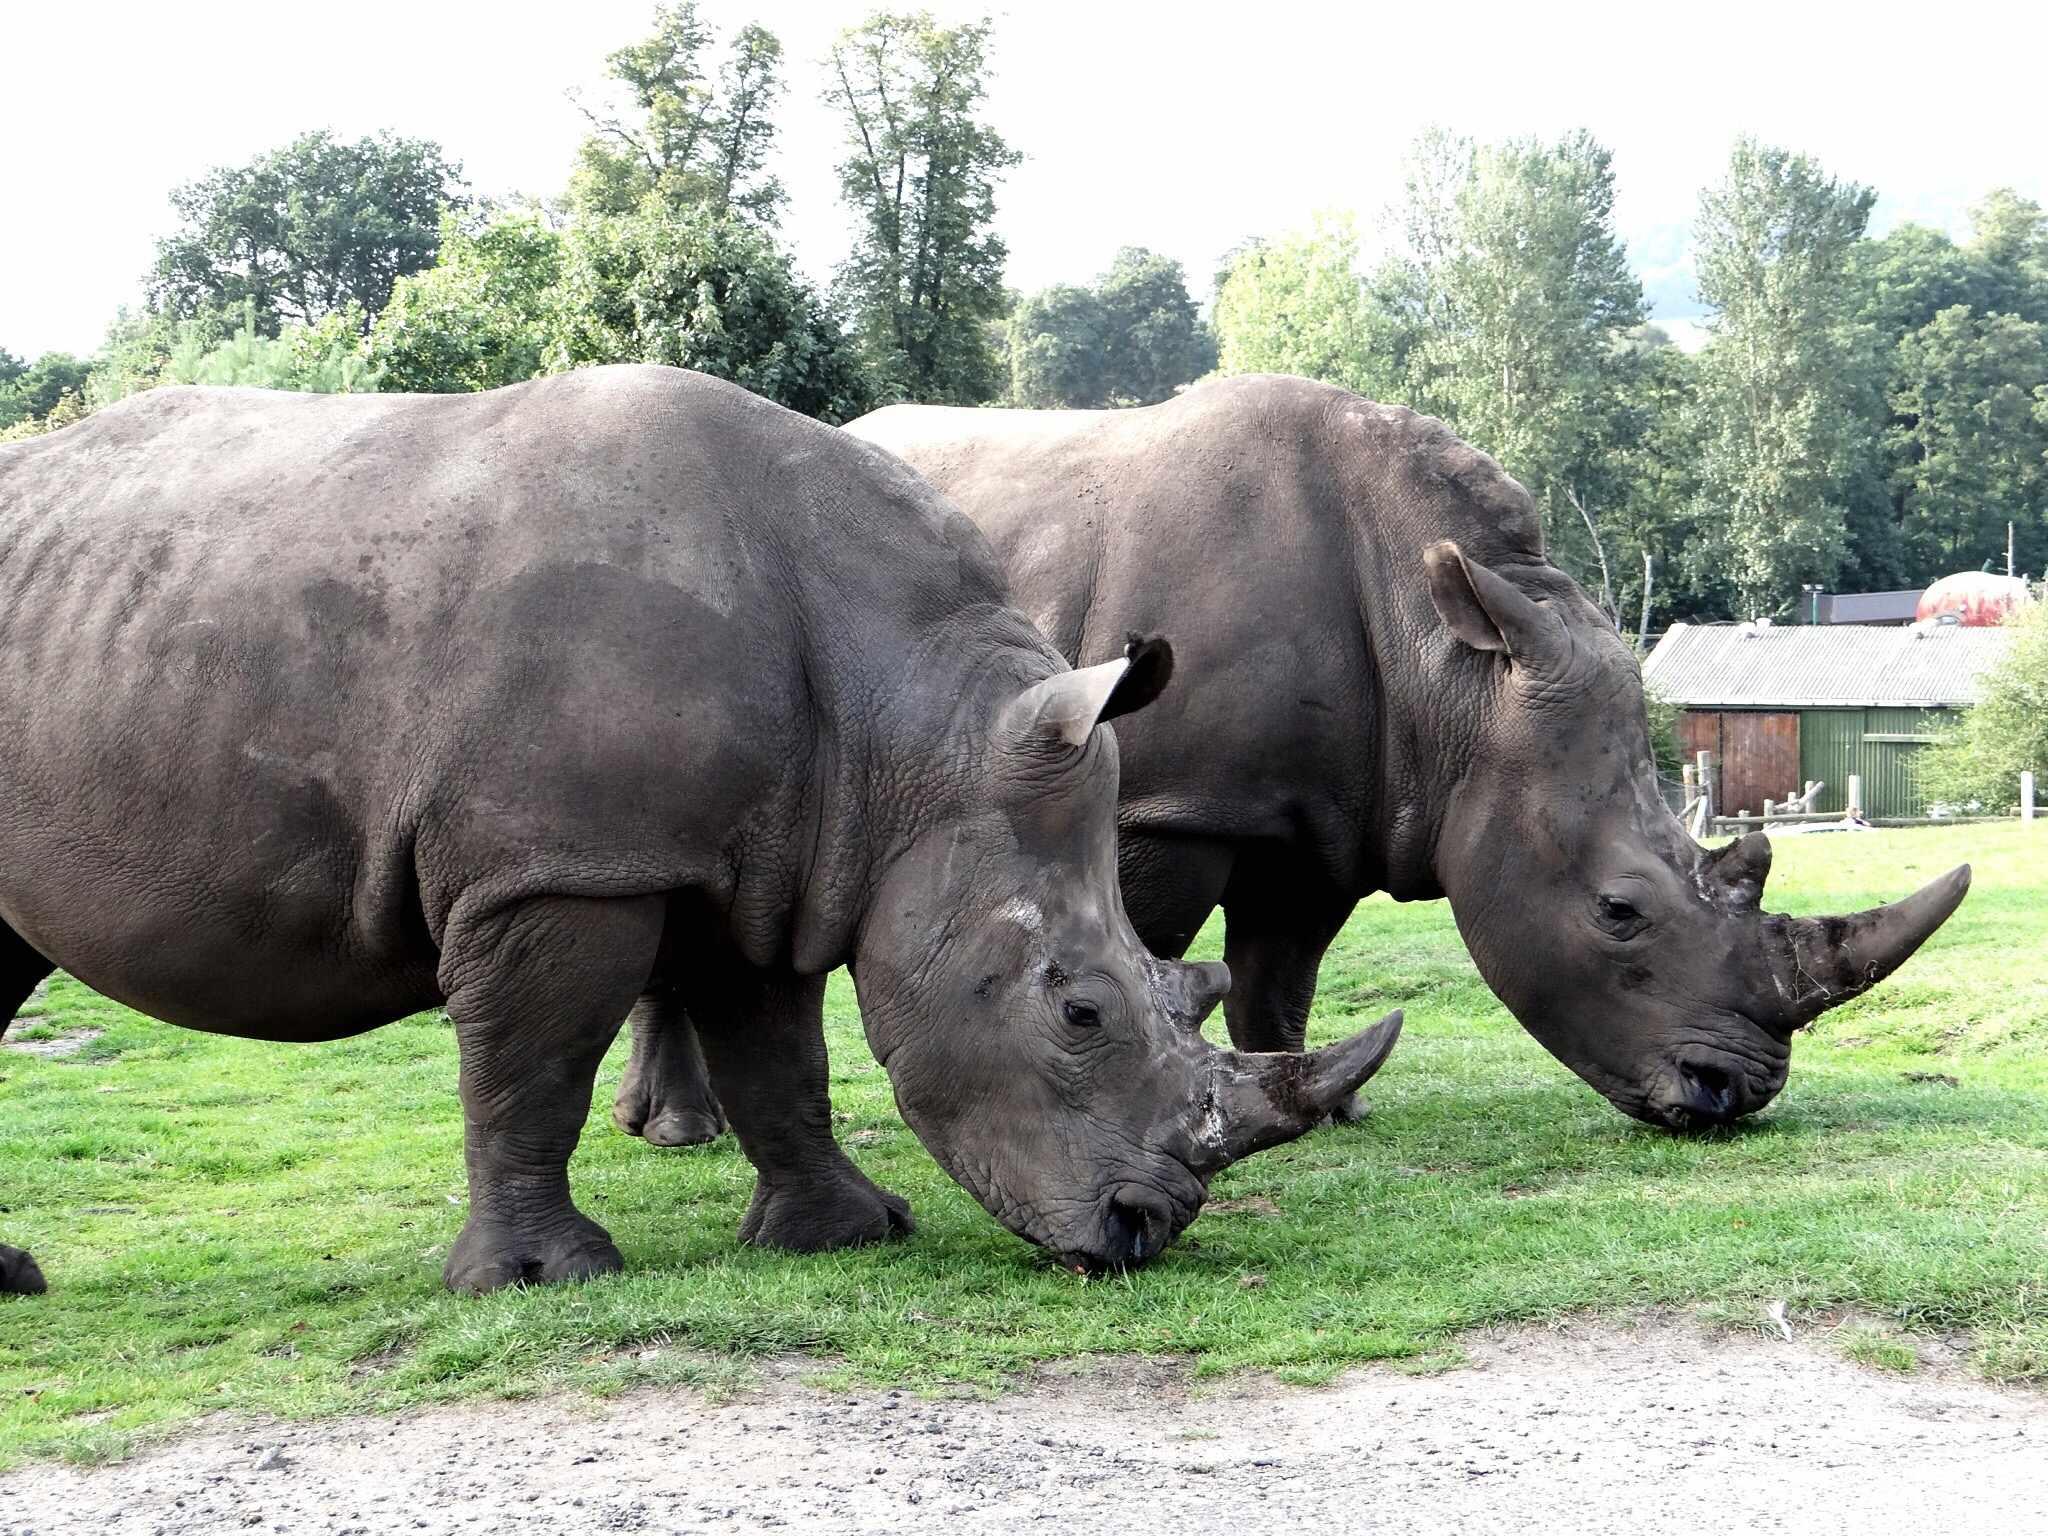 Rhinos in a zoo. © Tina Caunt/EyeEm/Getty